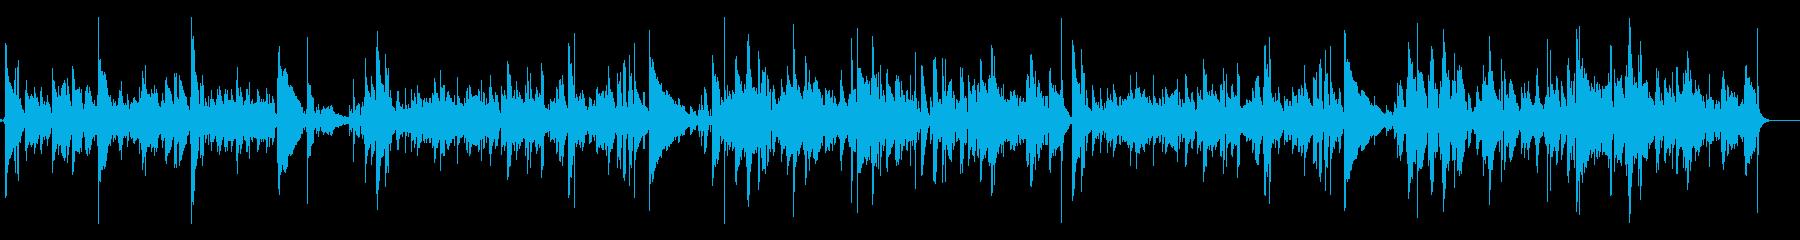 爽やかなアコギインストの再生済みの波形